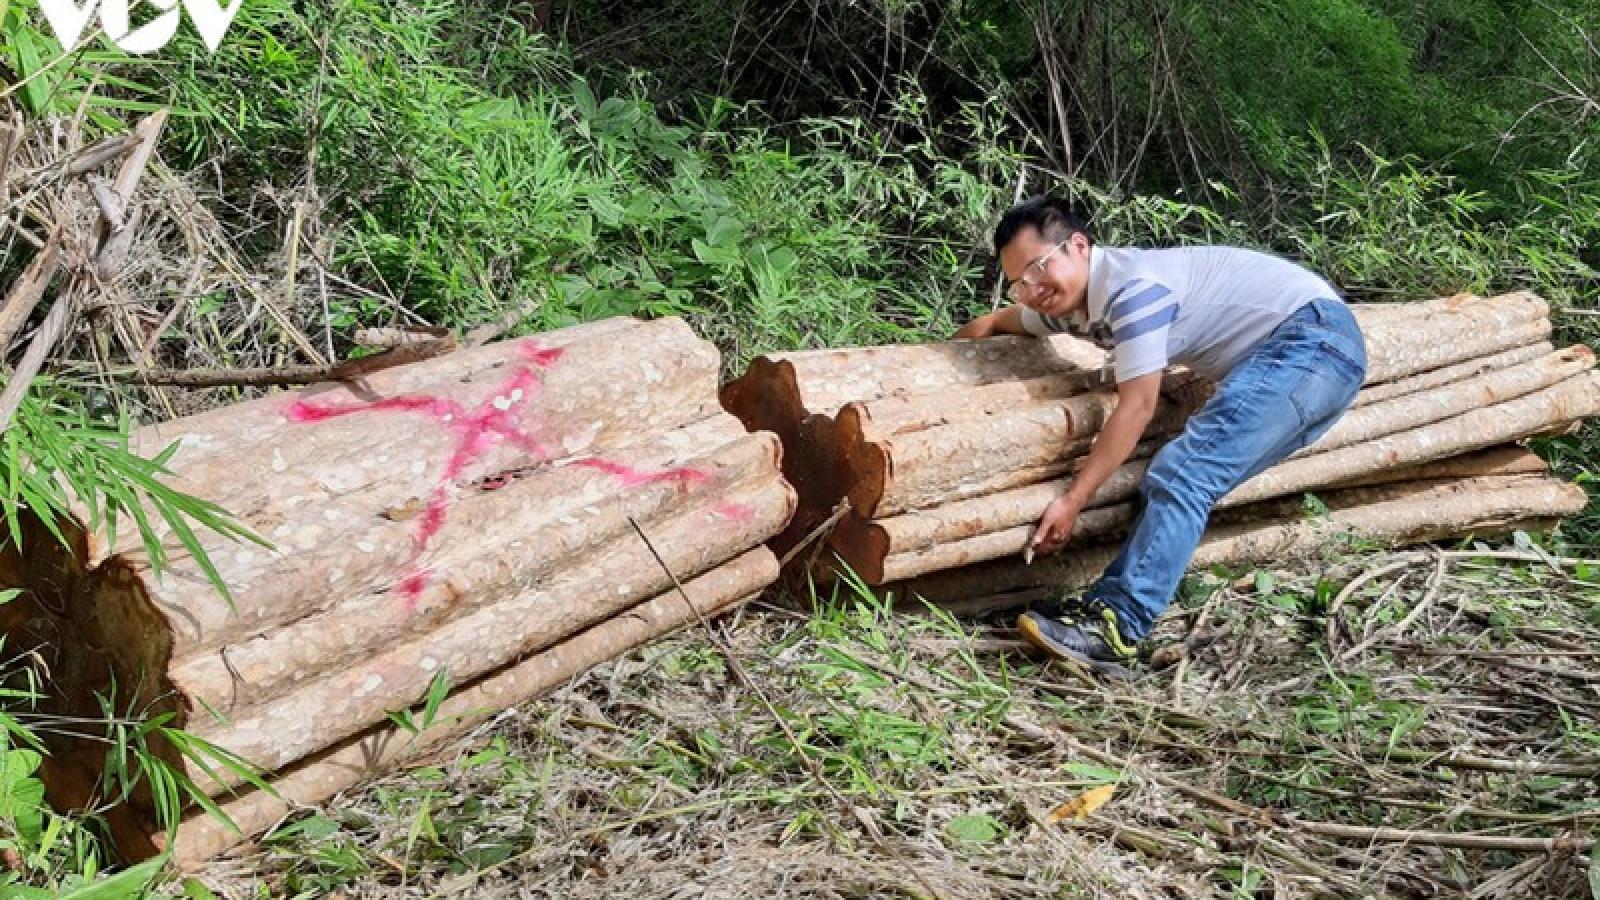 UBND tỉnh Gia Lai yêu cầu điều tra vụ phá rừng ở biên giới Chư Prông